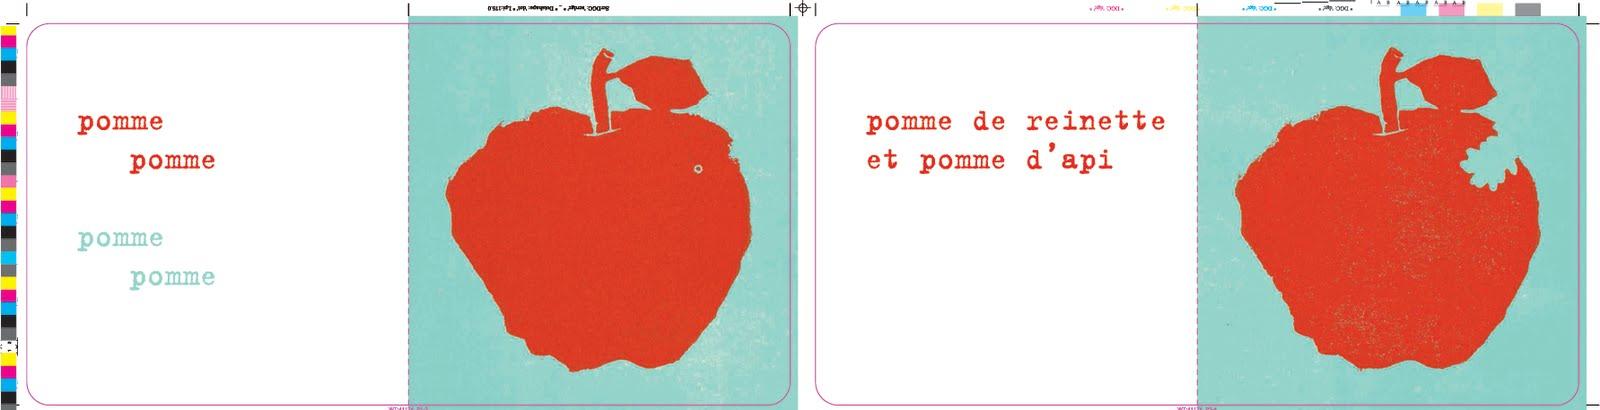 Le blabla blog de christine beigel pomme poule ou les deux - Pomme de reinette et pomme d api tapis tapis rouge ...